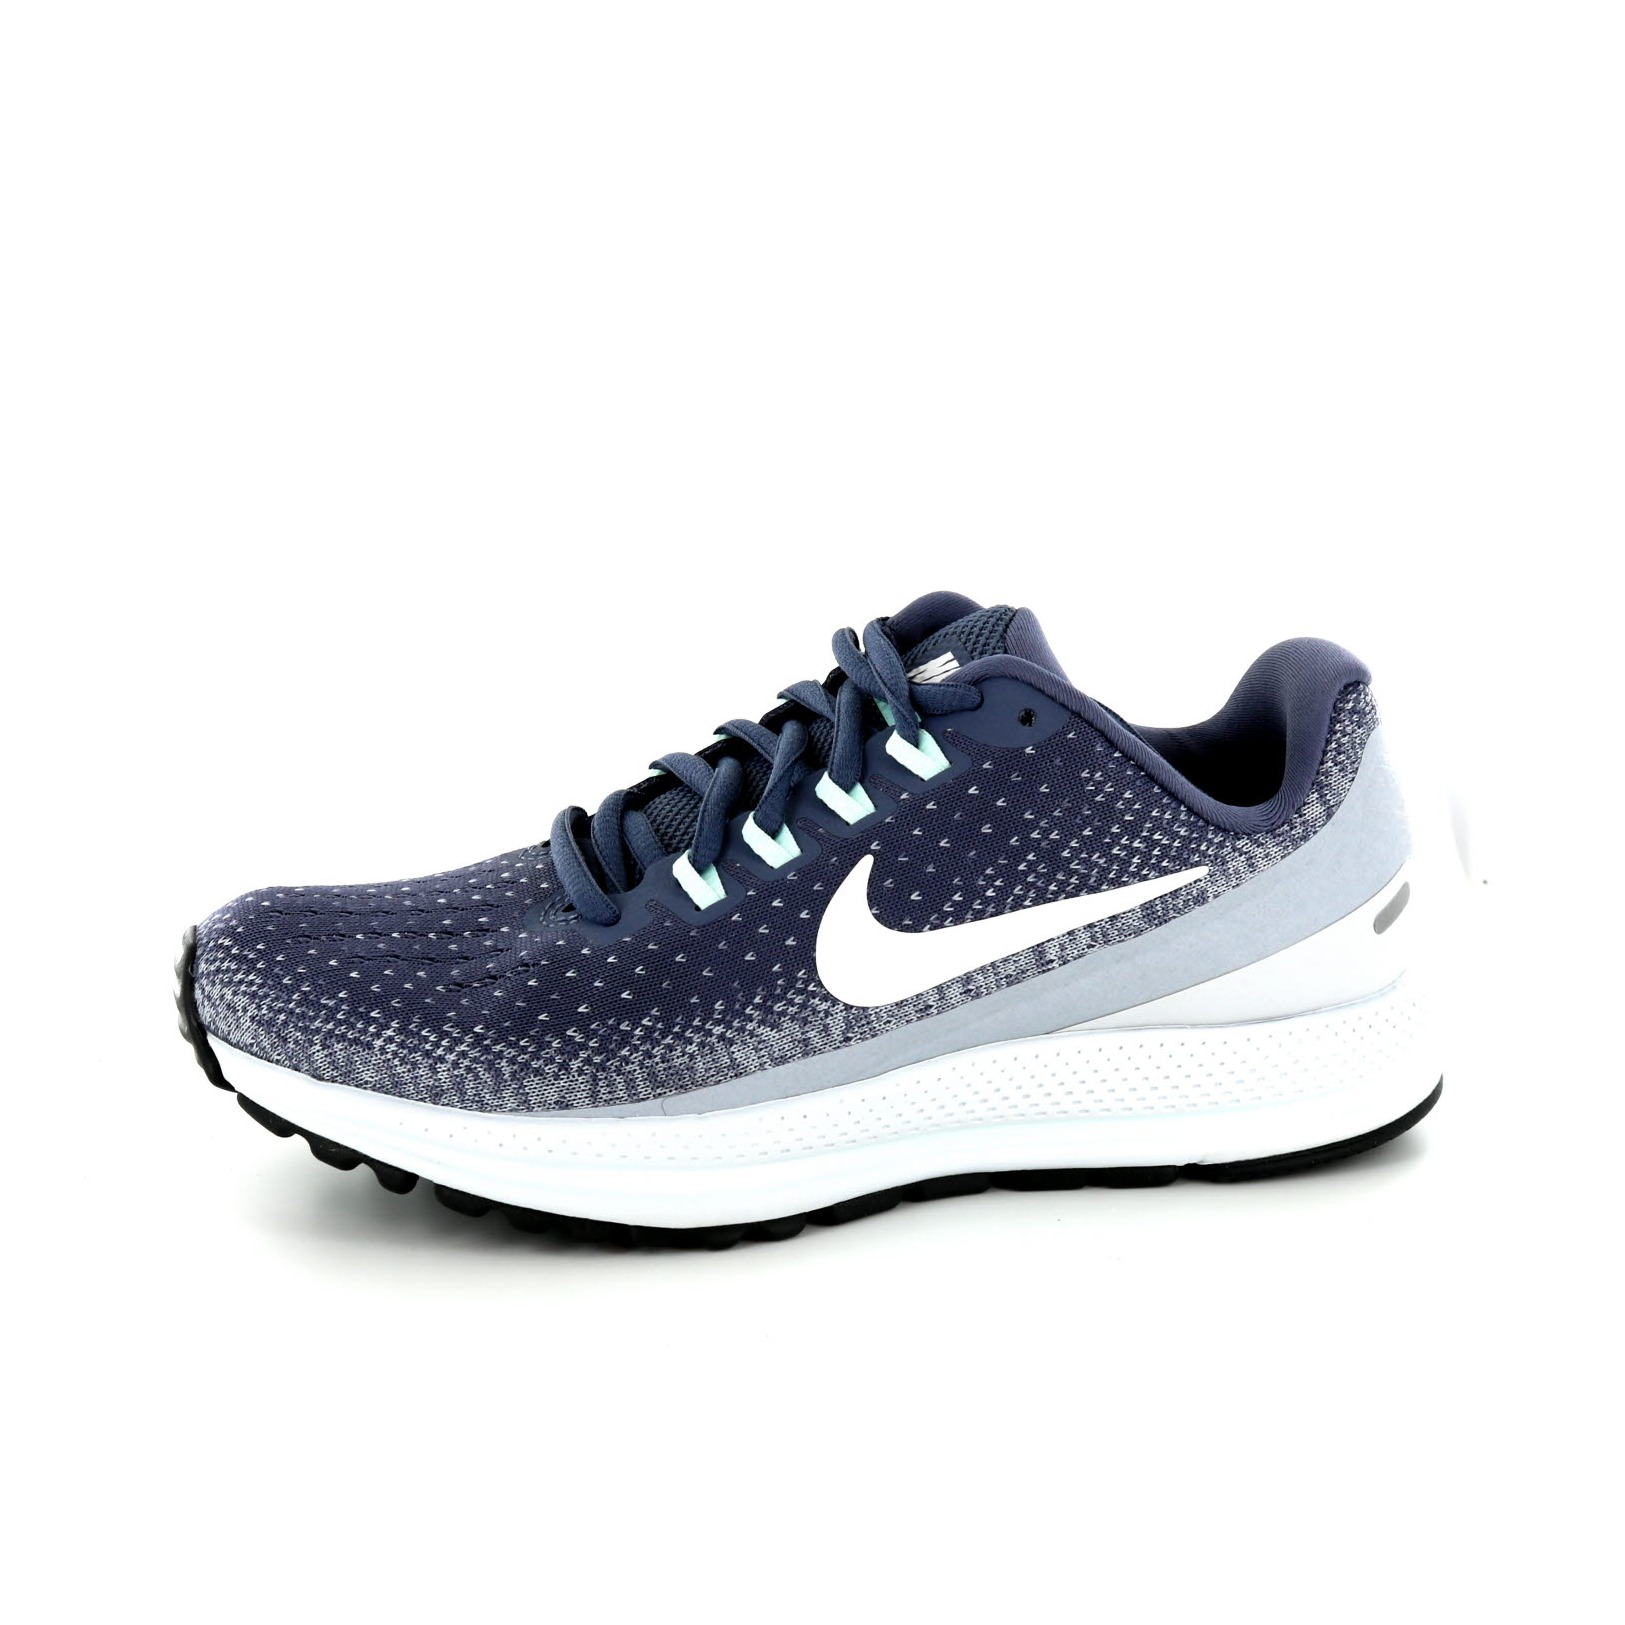 Nike / Chaussures À Lacets - Chaussures De Sport, Gris